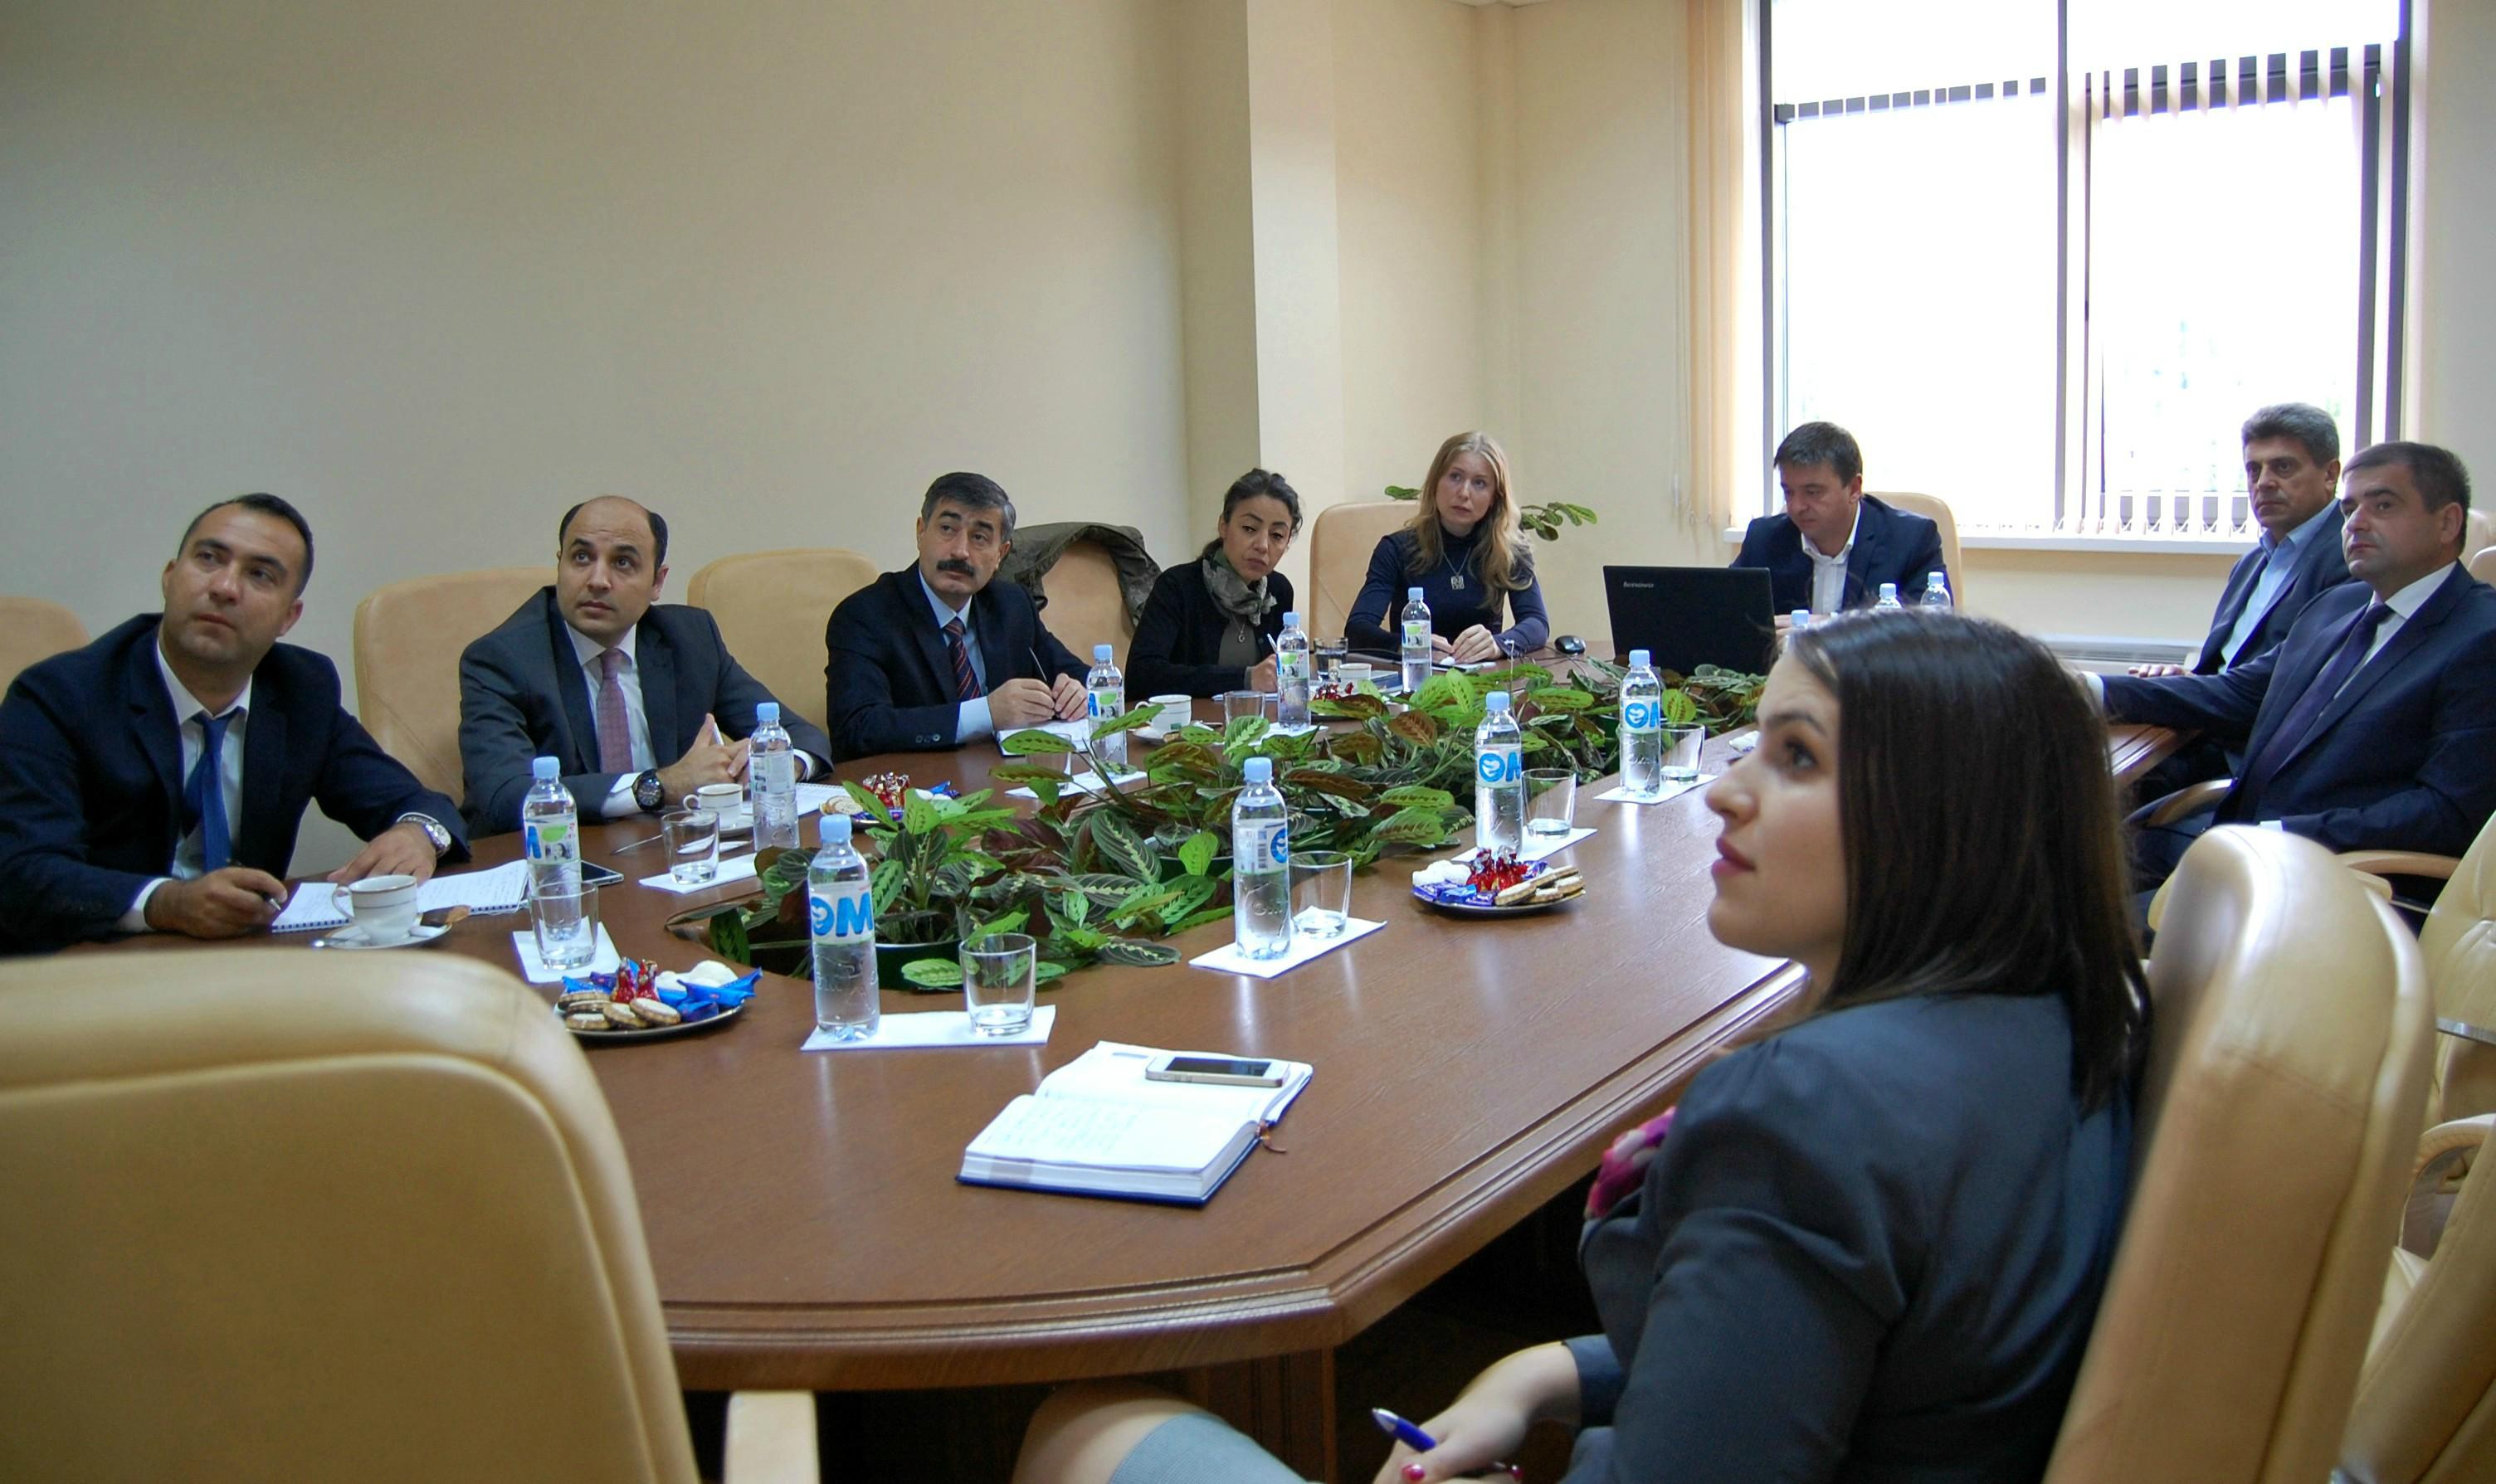 Întrevedere cu reprezentanții Ministerului Sănătății din Turcia